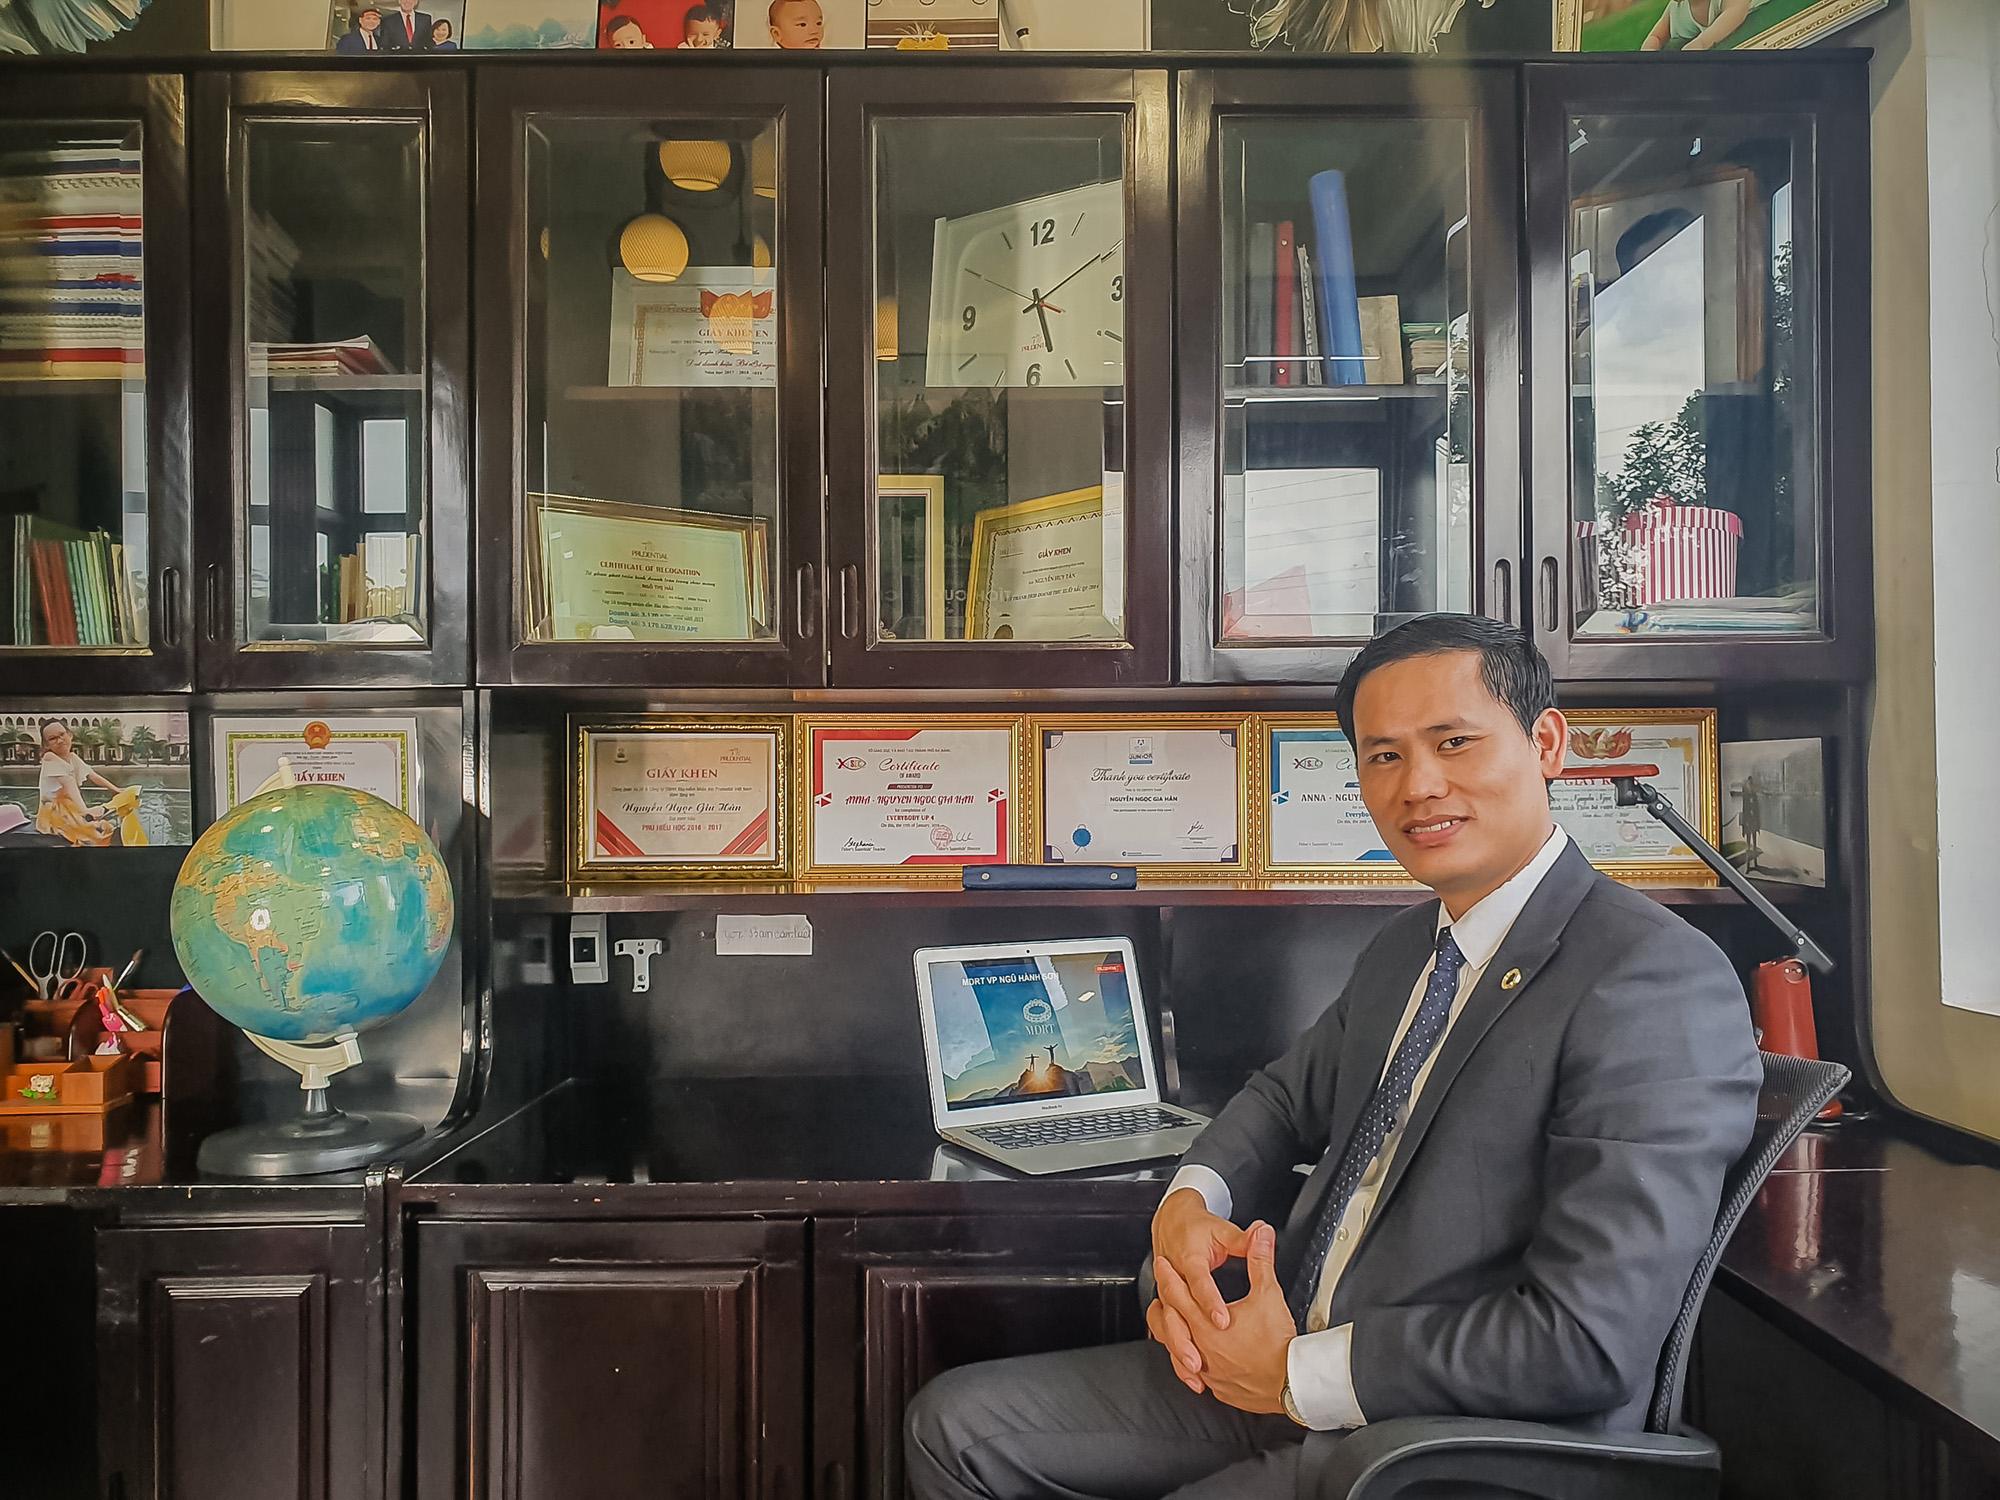 Anh Nguyễn Huy Tân cho rằng sự kỹ tính của khách hàng sẽ giúp tư vấn viên phát triển toàn diện hơn.